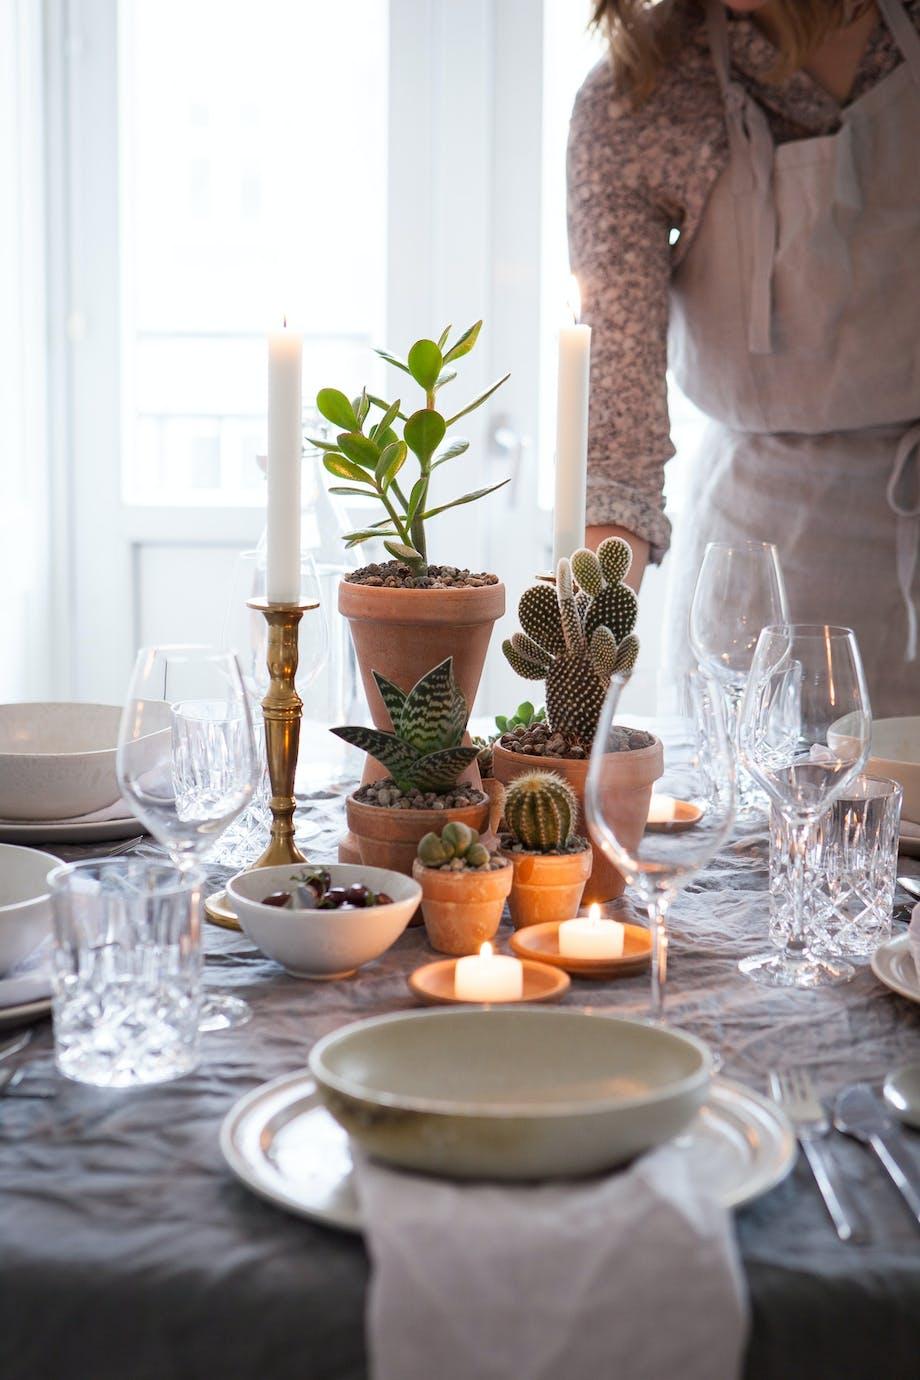 Lys på middagsbordet